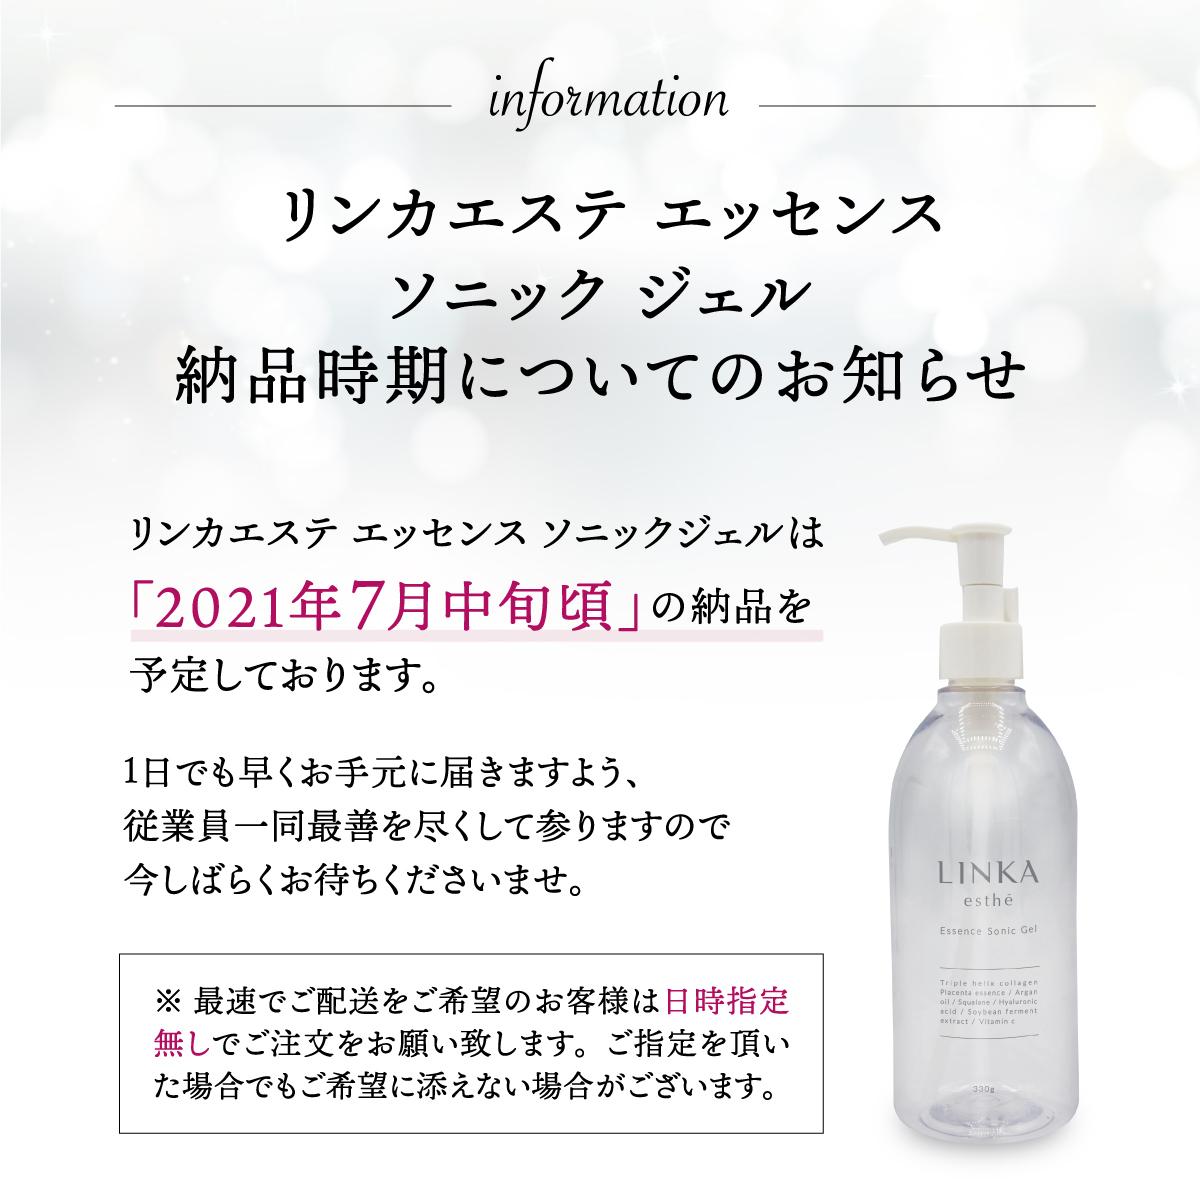 【リンカ エステ】 エッセンス ソニックジェル 2本セット